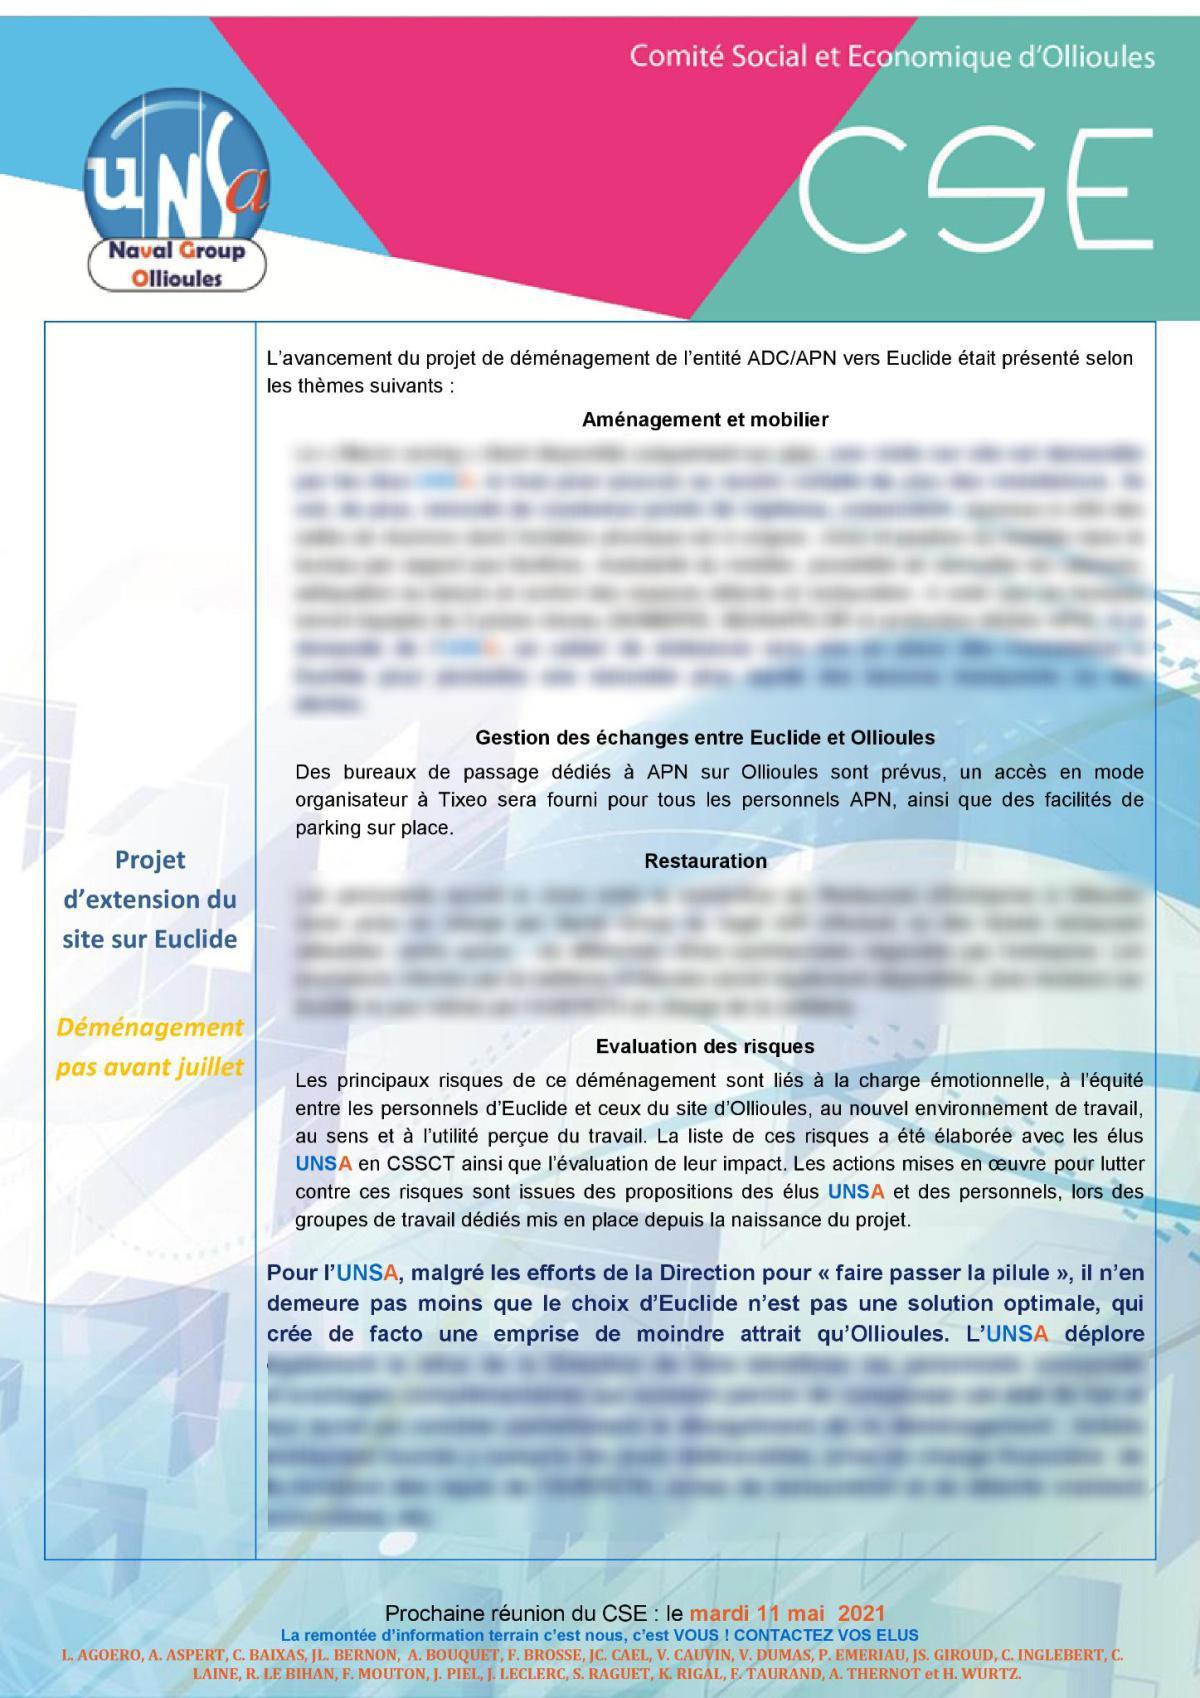 CSE d'Ollioules - réunion du 13 avril 2021